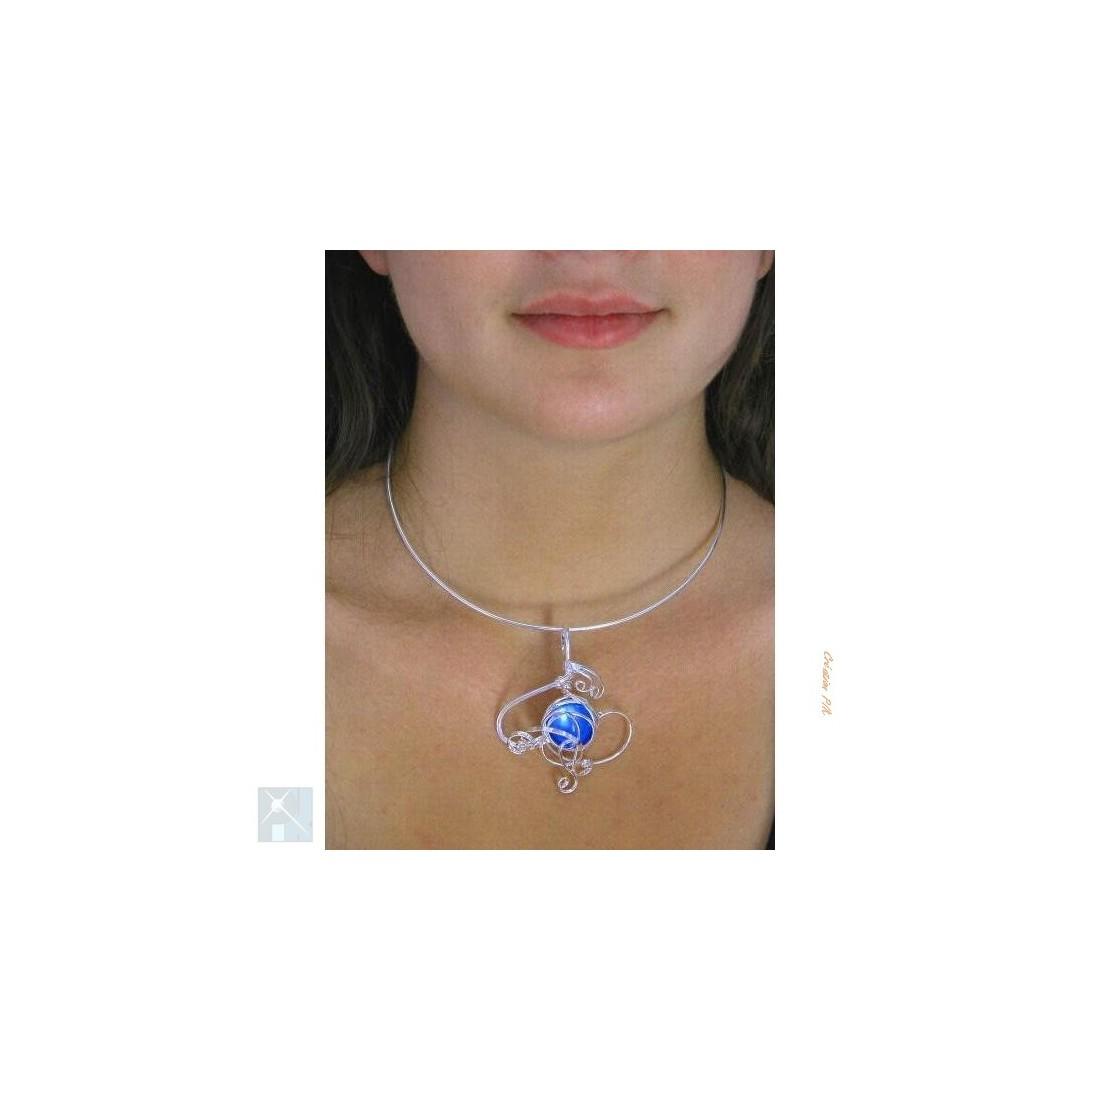 Collier de créateur fait main, bijou argent et bleu